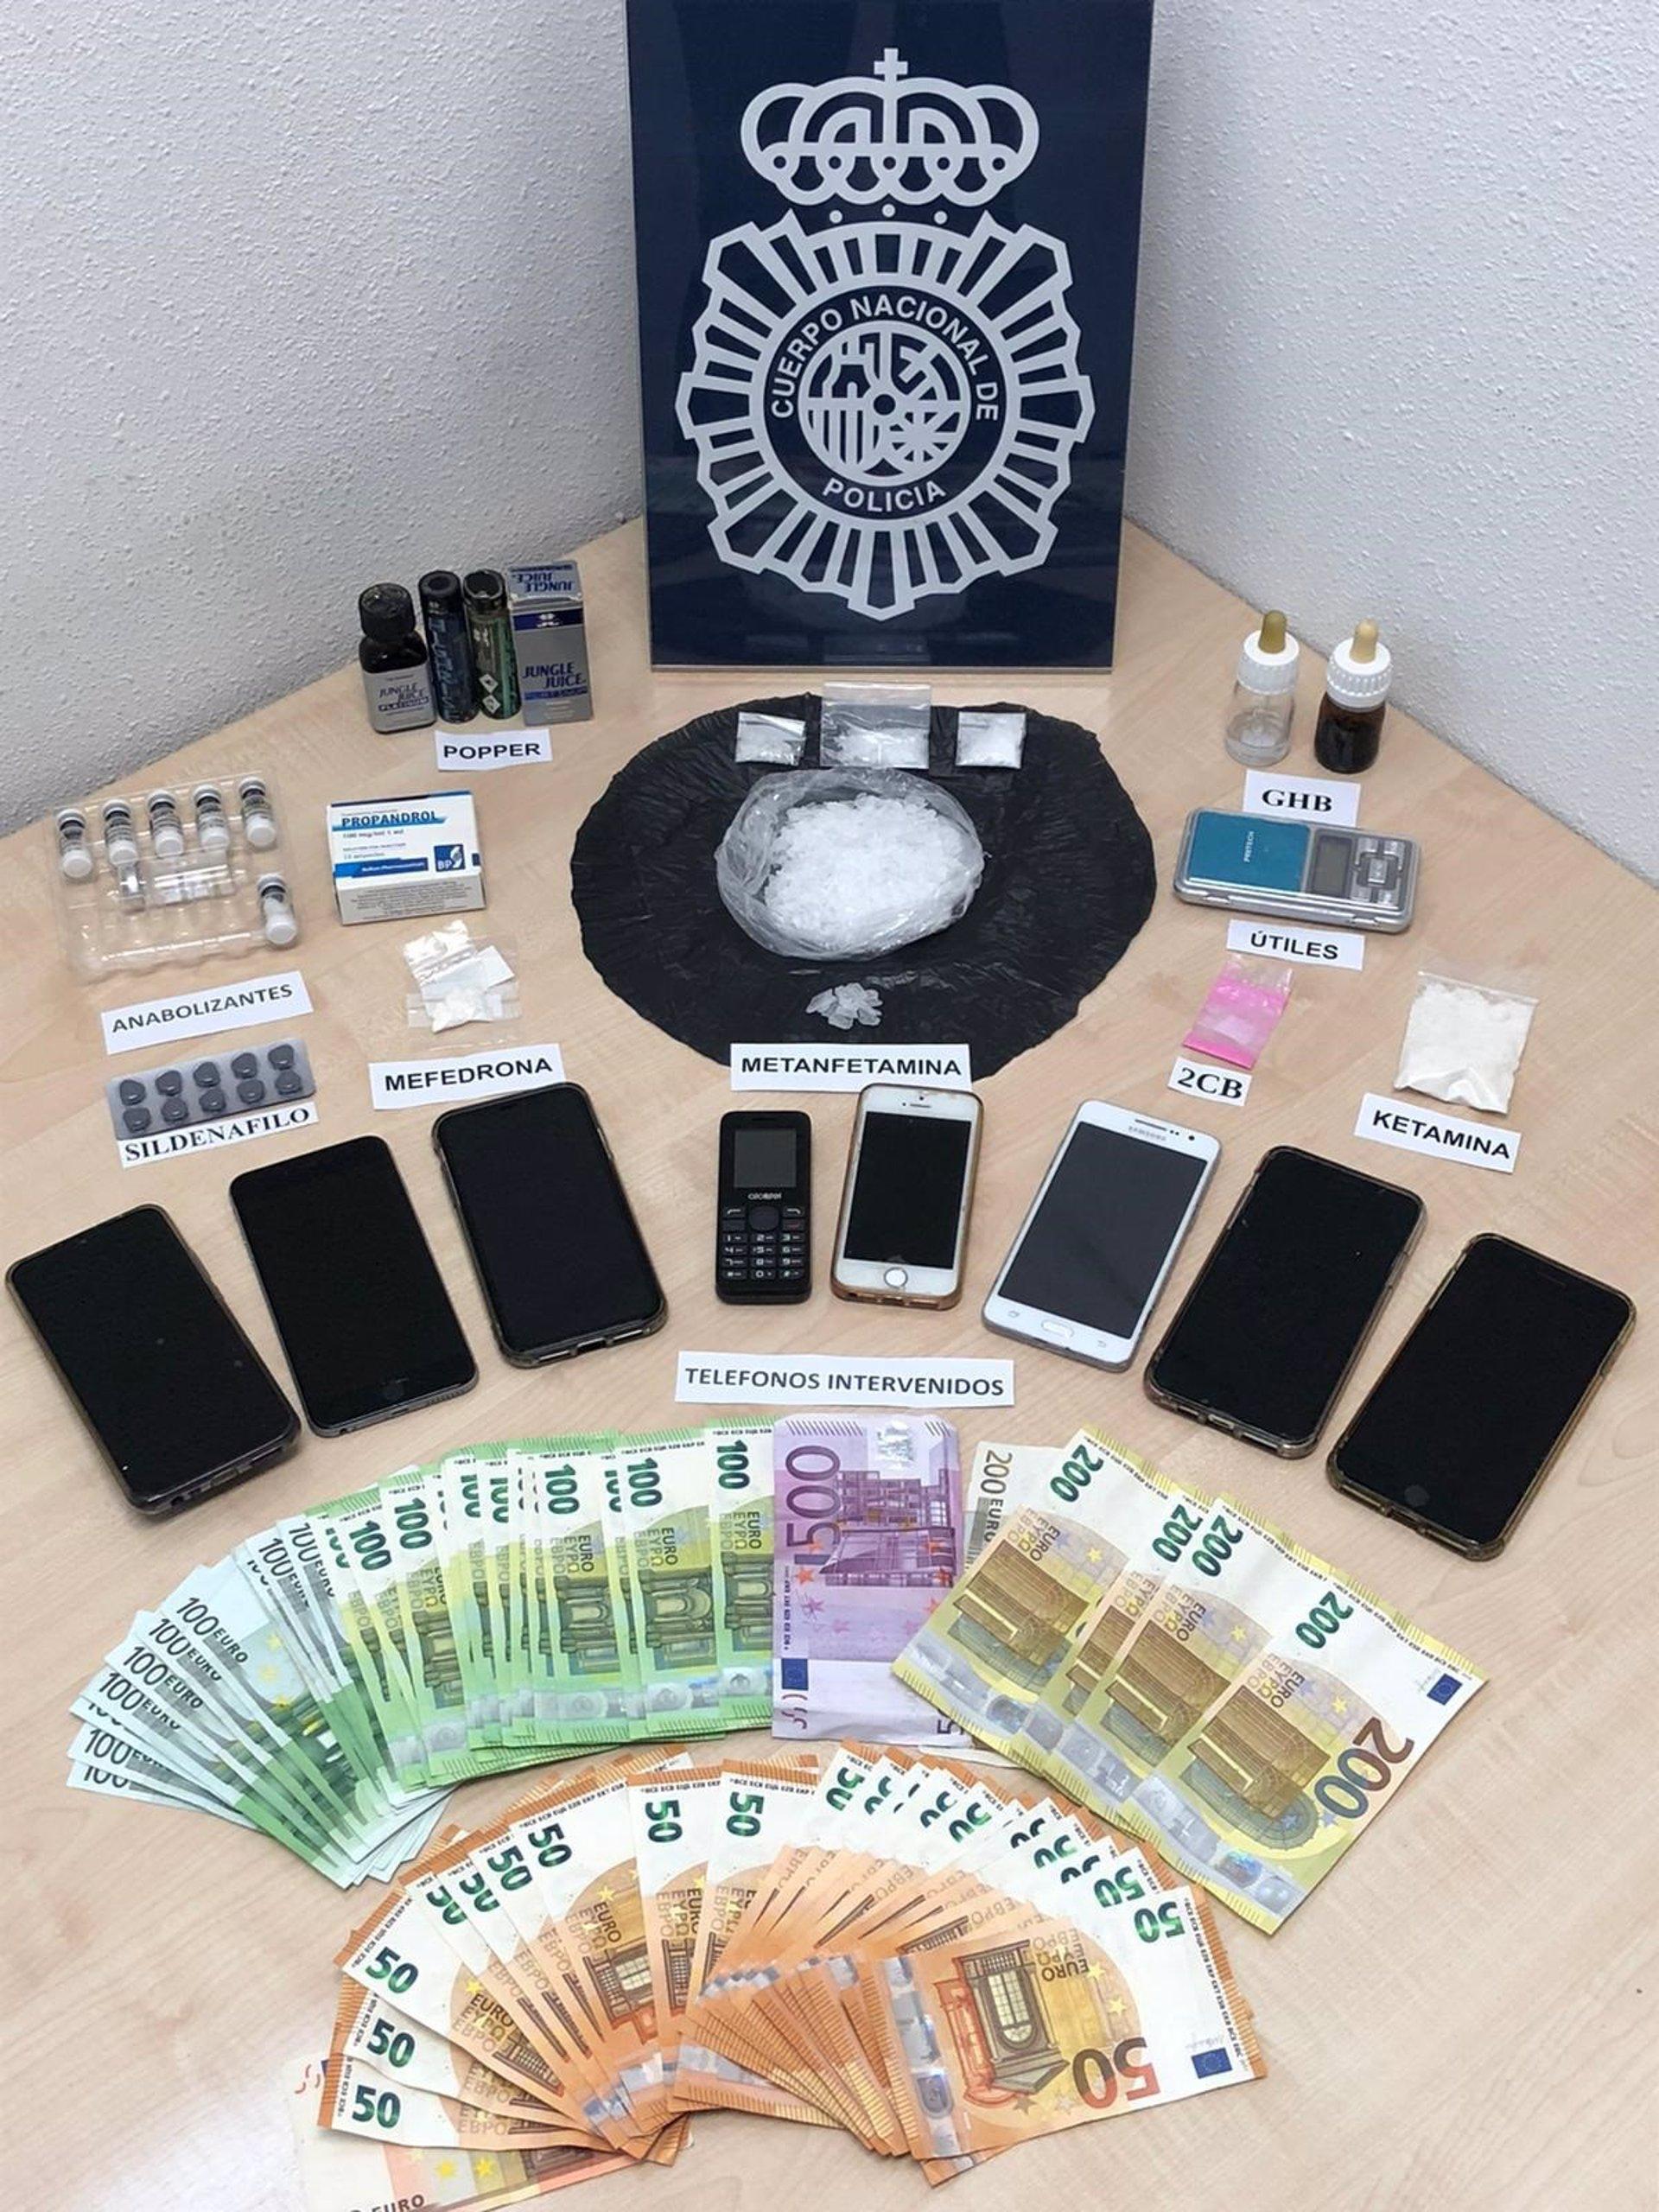 Granada.- Policía halló en las casas de Amargo otras drogas como GHB, ketamina, 2CB y Popper; así como 8 móviles y 6000?